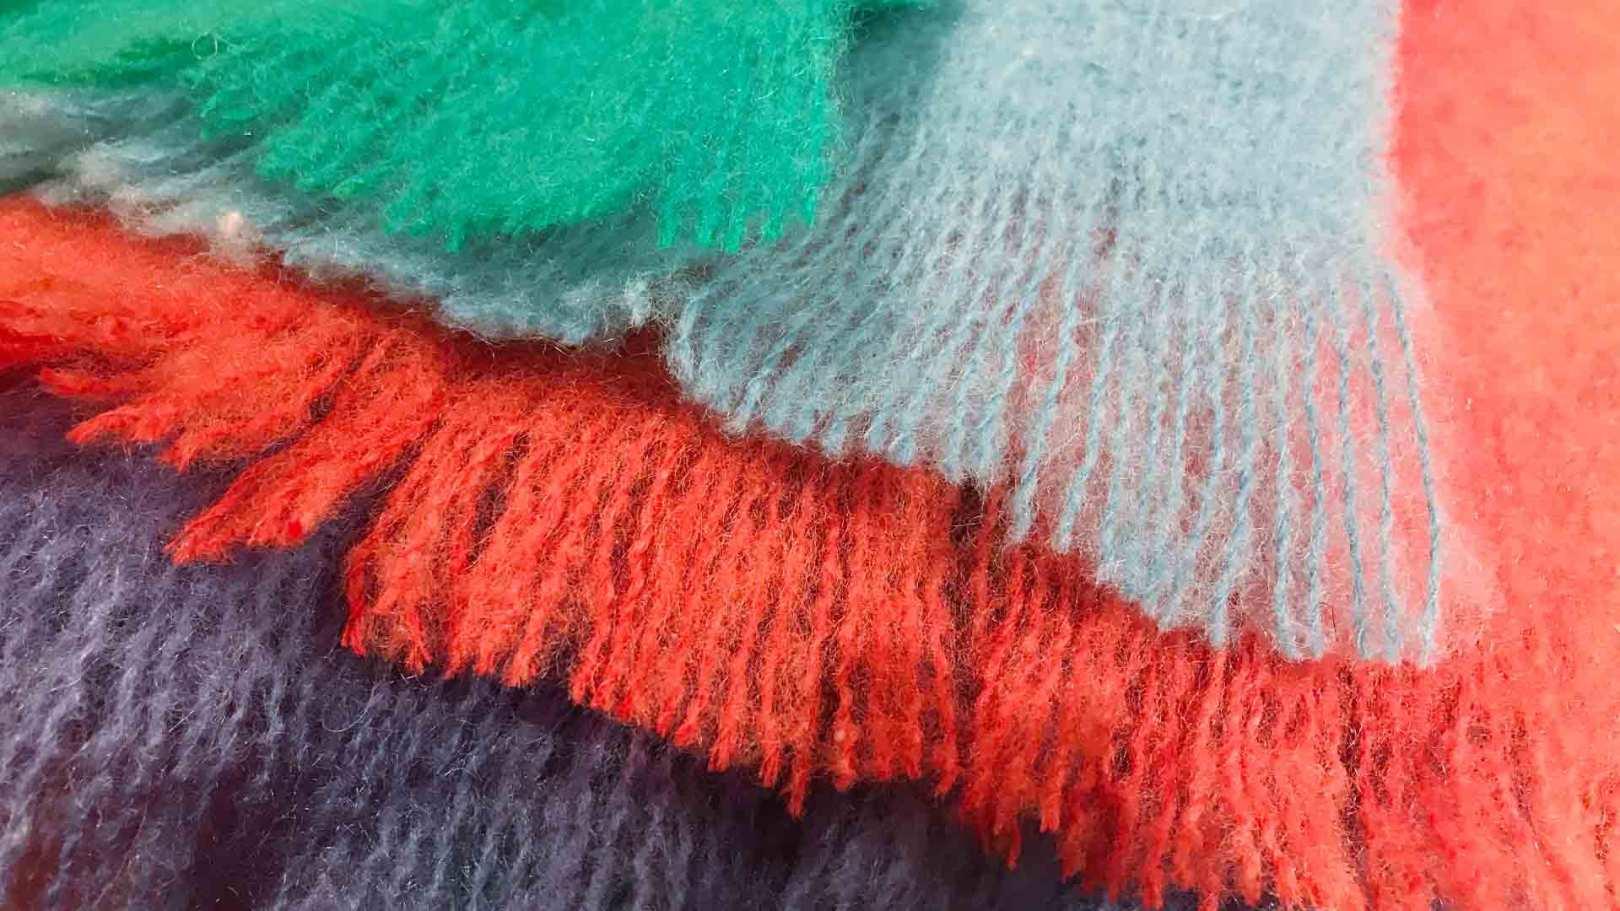 Betten Hoenscheidt Duesseldorf – Decken und Plaids